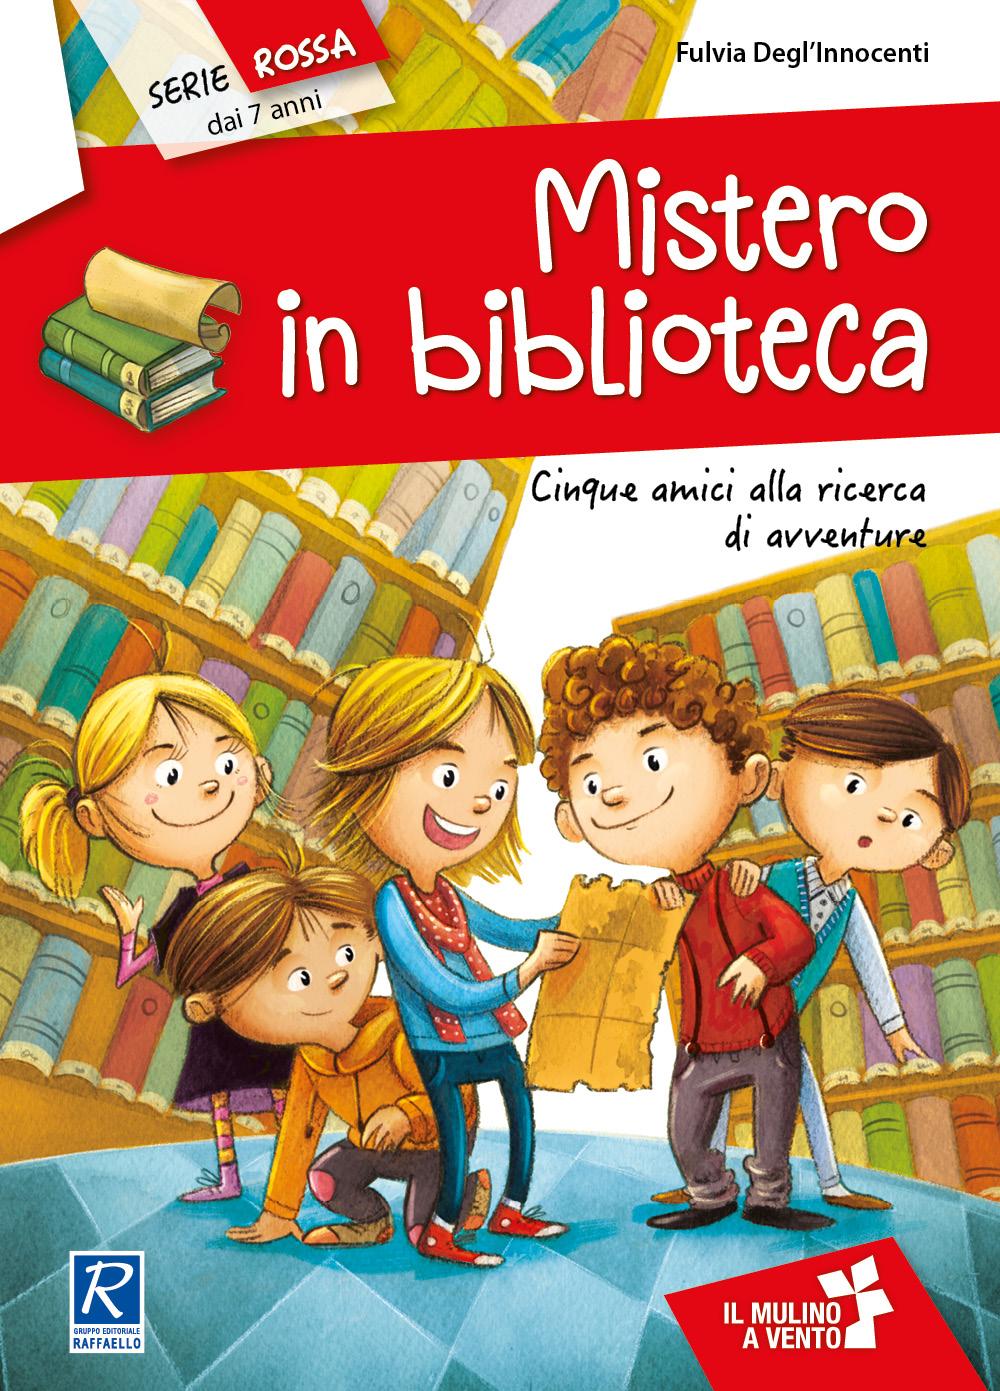 Mistero in biblioteca